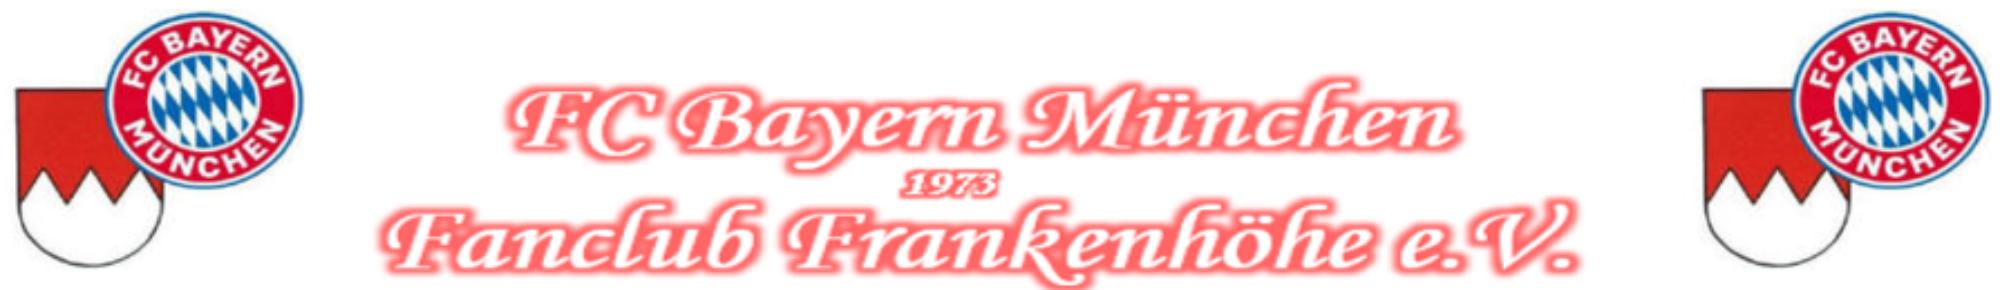 FC Bayern München Fanclub-Frankenhöhe e.V.